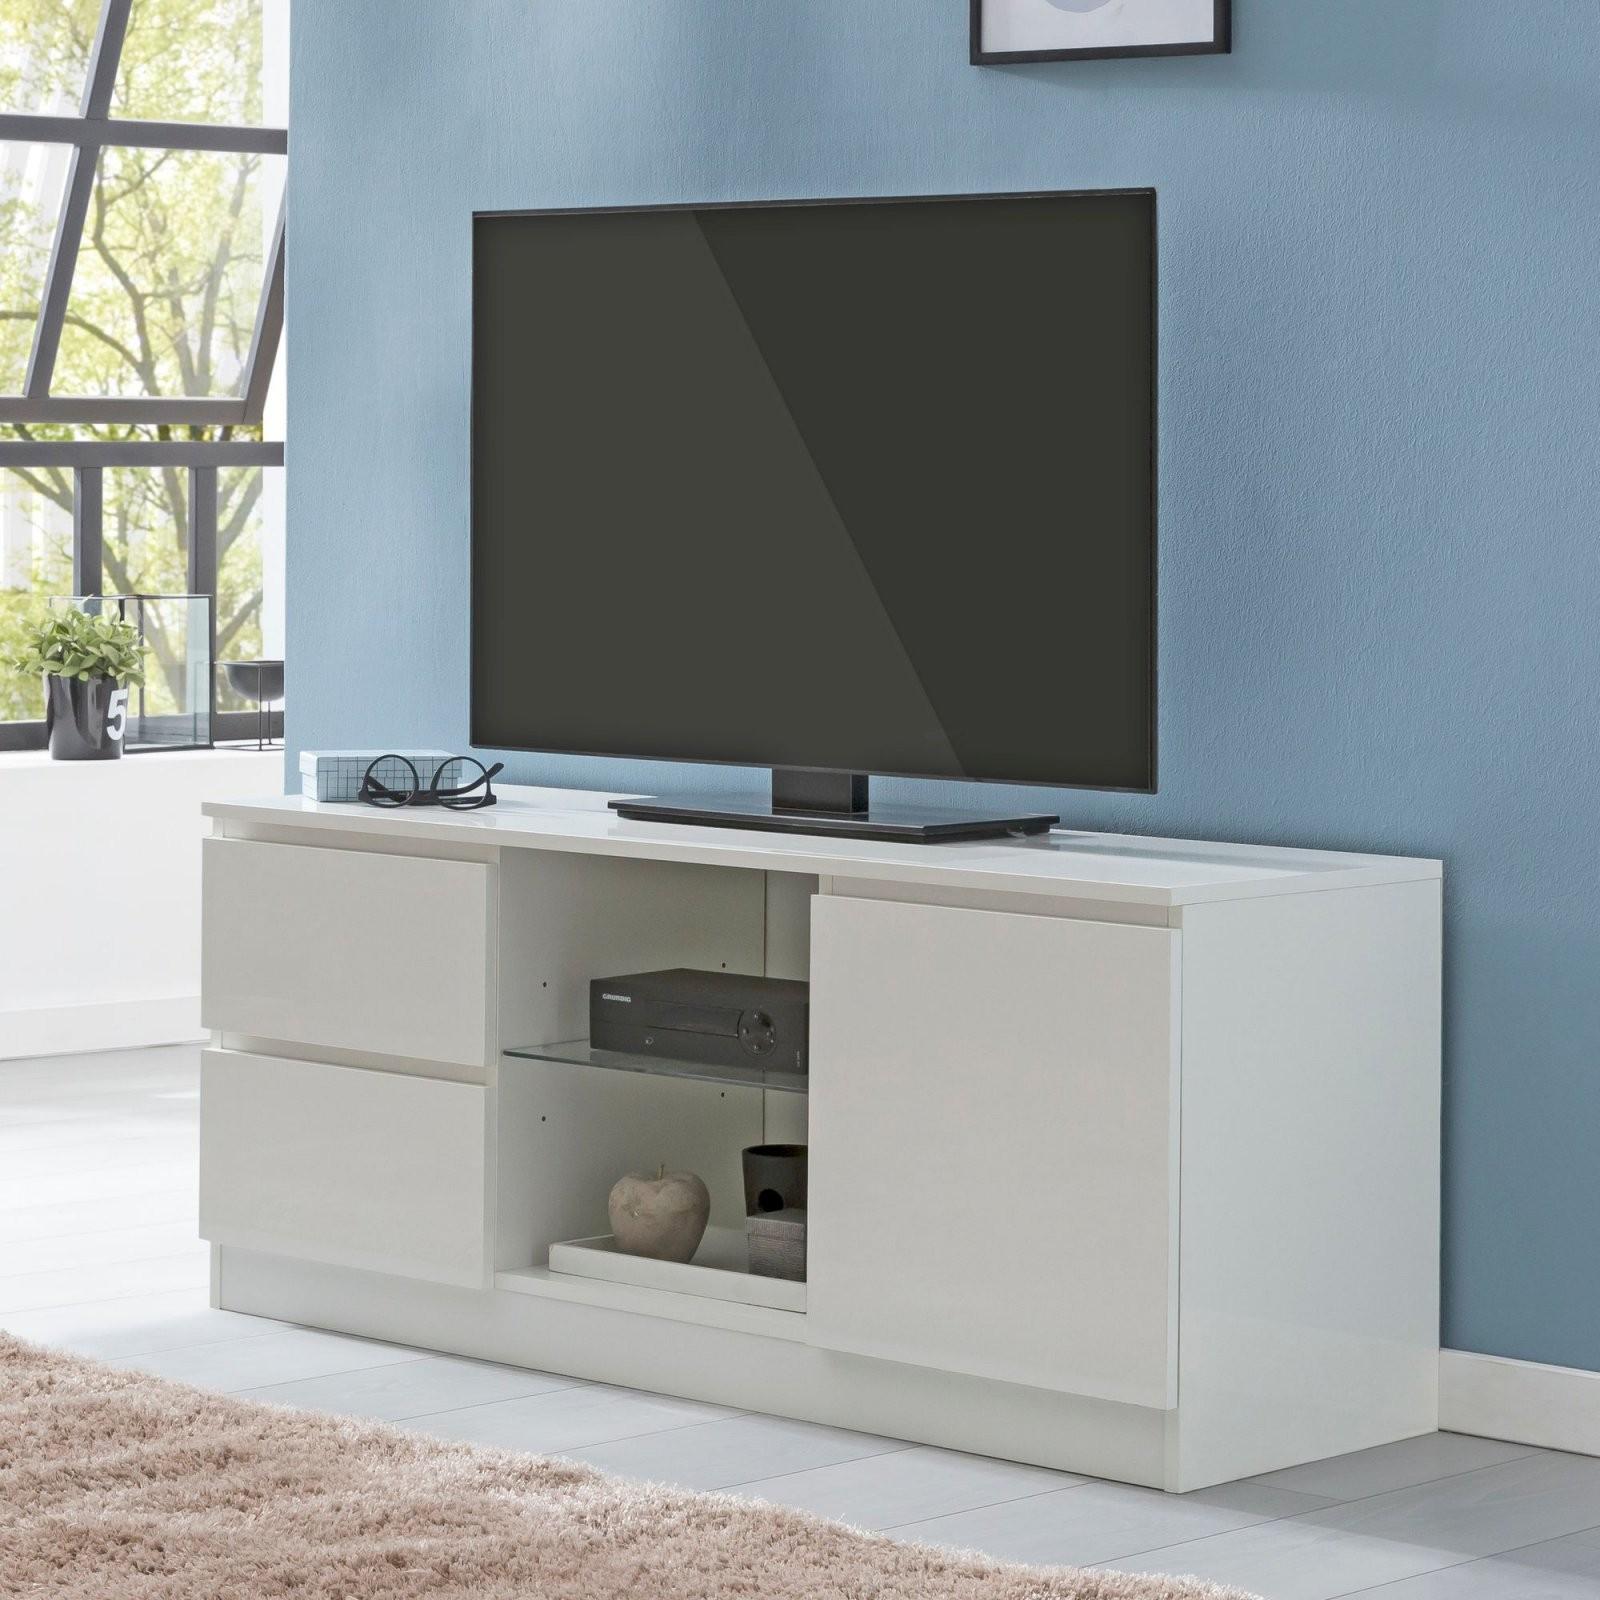 Finebuy Lowboard Tv Board Weiß Hochglanz Fernsehkommode Fernsehtisch von Lowboard Weiß Hochglanz Zum Hängen Bild